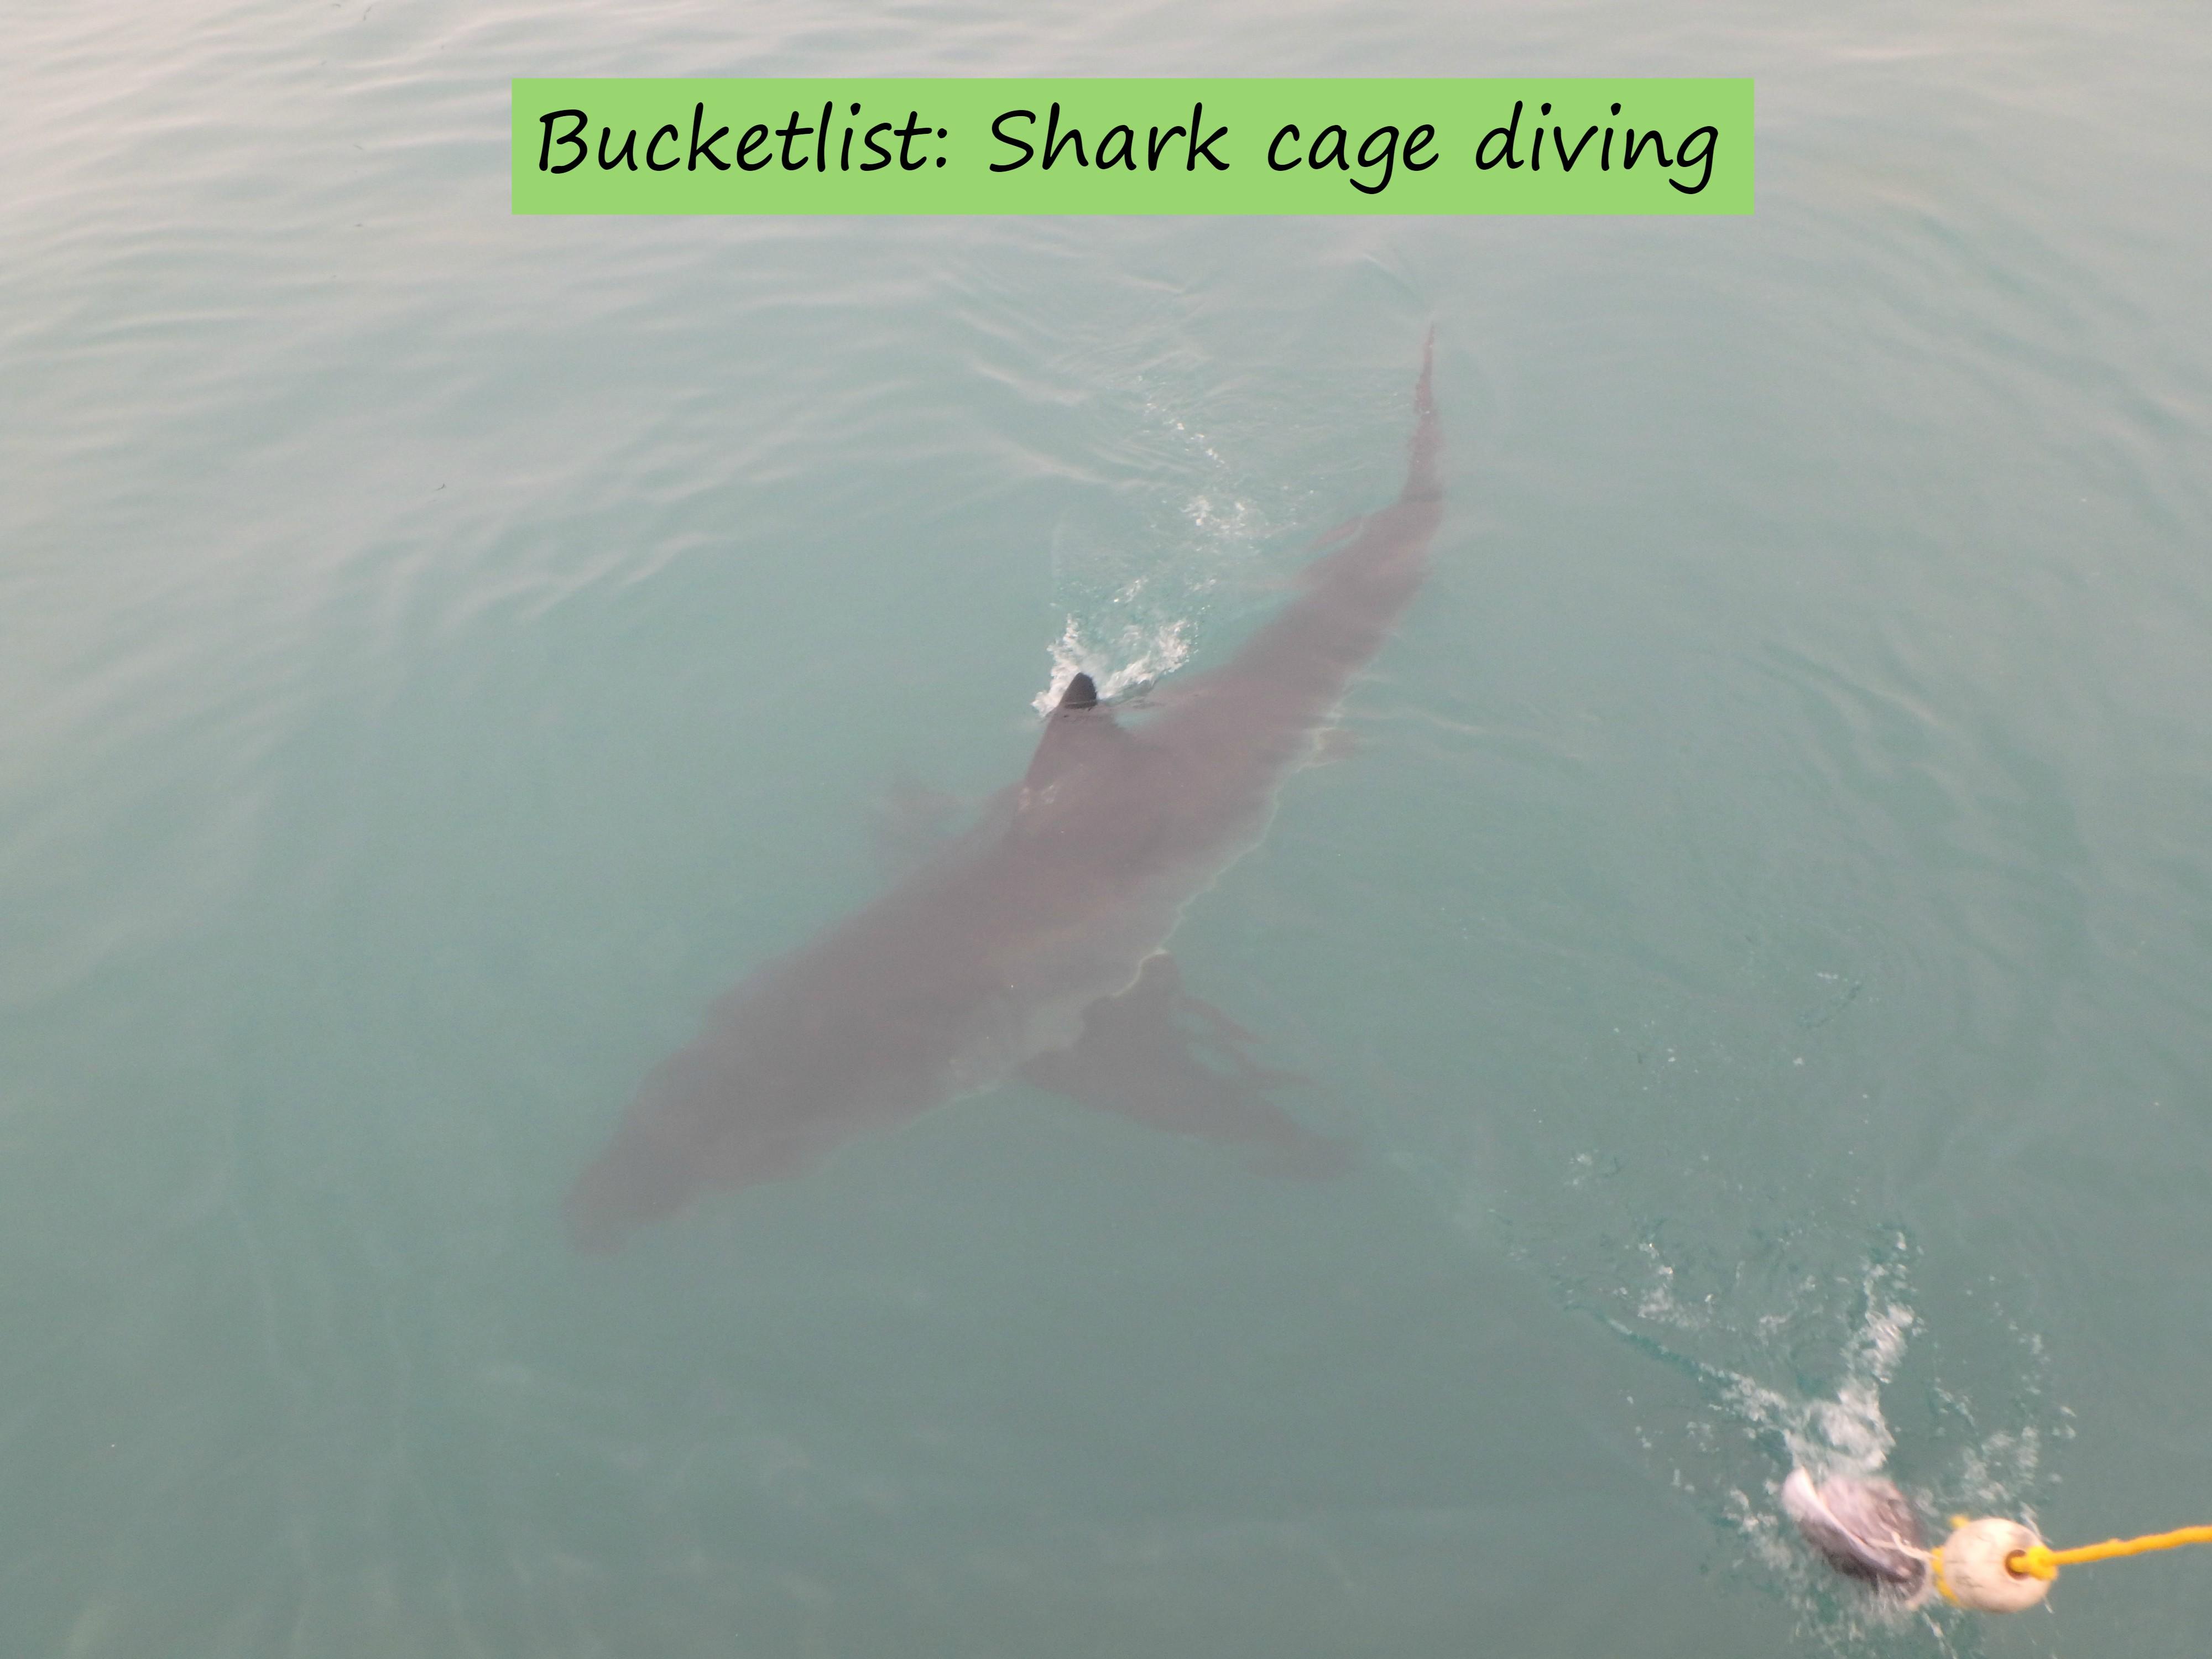 sharkcagediving